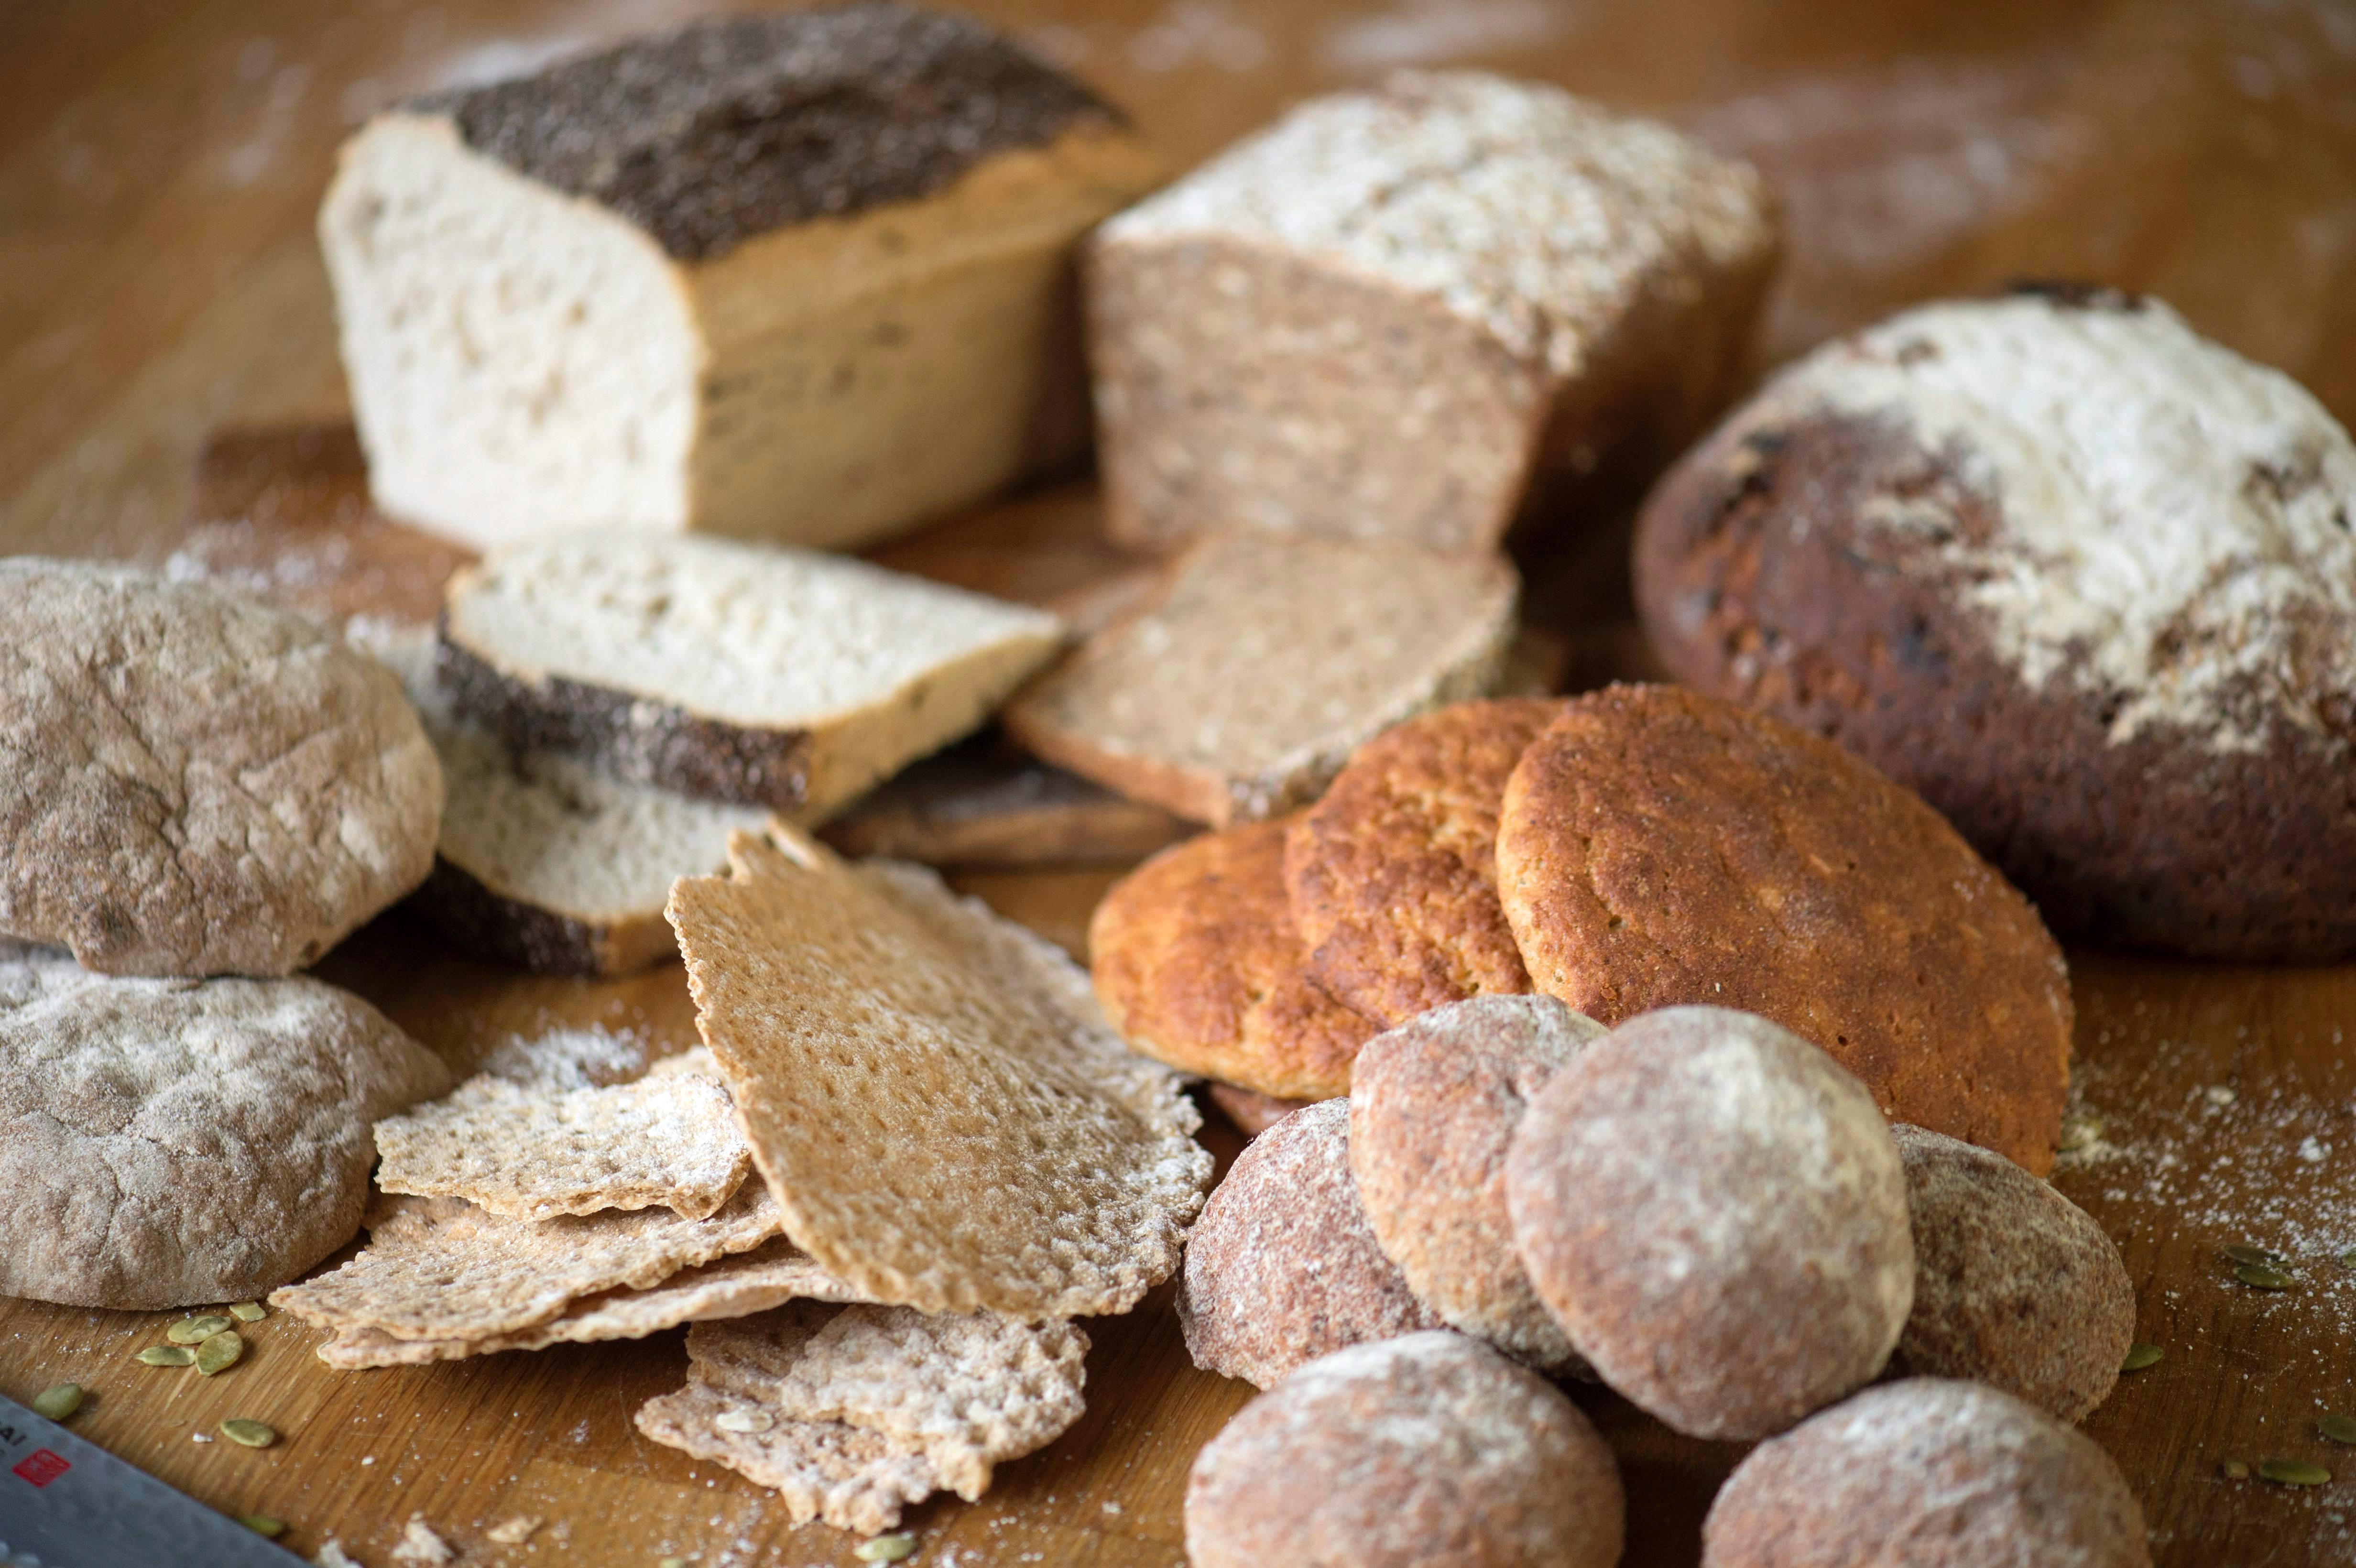 ersättning för glutenintolerans